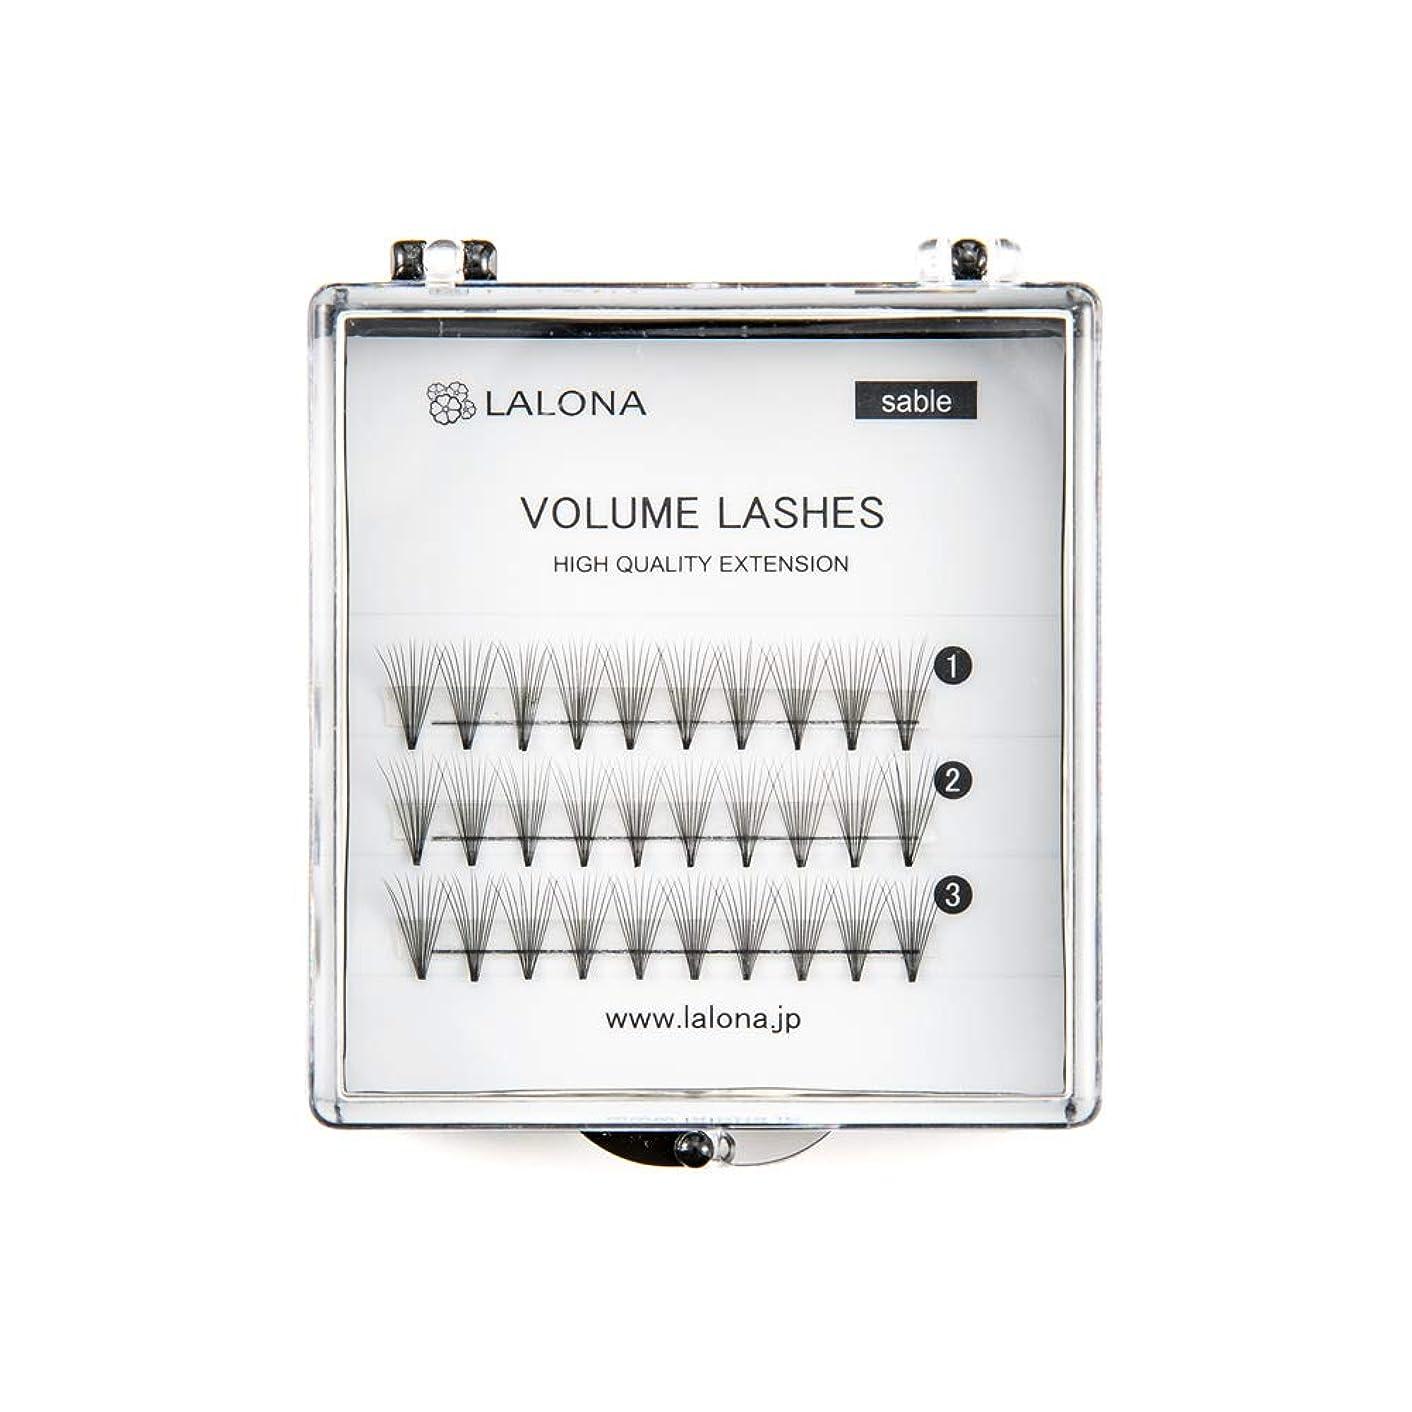 理容師抑圧トライアスリートLALONA [ ラローナ ] ボリュームラッシュ (10D) (30pcs) まつげエクステ 10本束 フレアラッシュ まつエク 束まつげ セーブル (Jカール / 9mm)